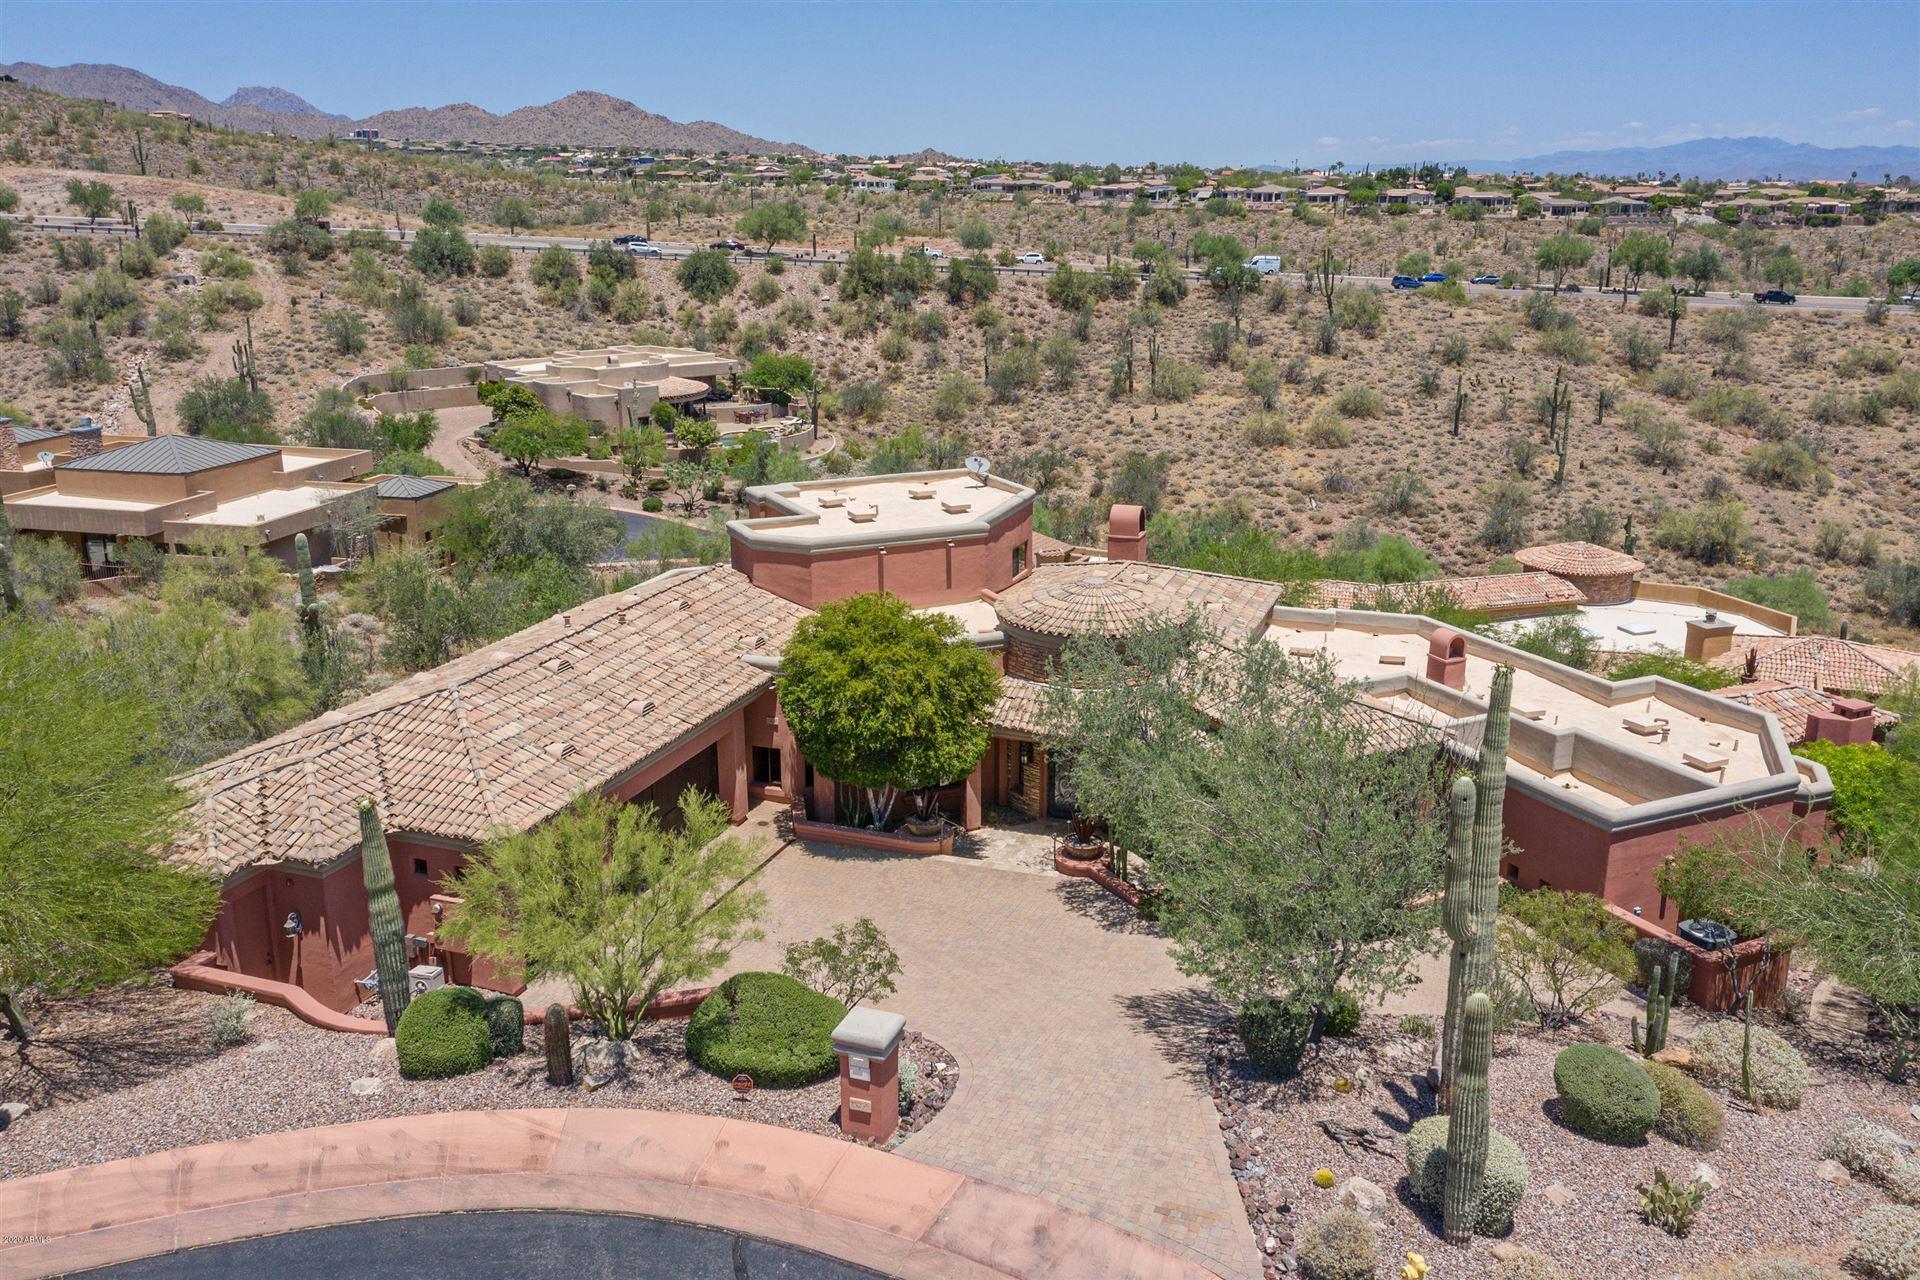 15230 E CHOLLA CREST Trail, Fountain Hills, AZ 85268 - MLS#: 6098970